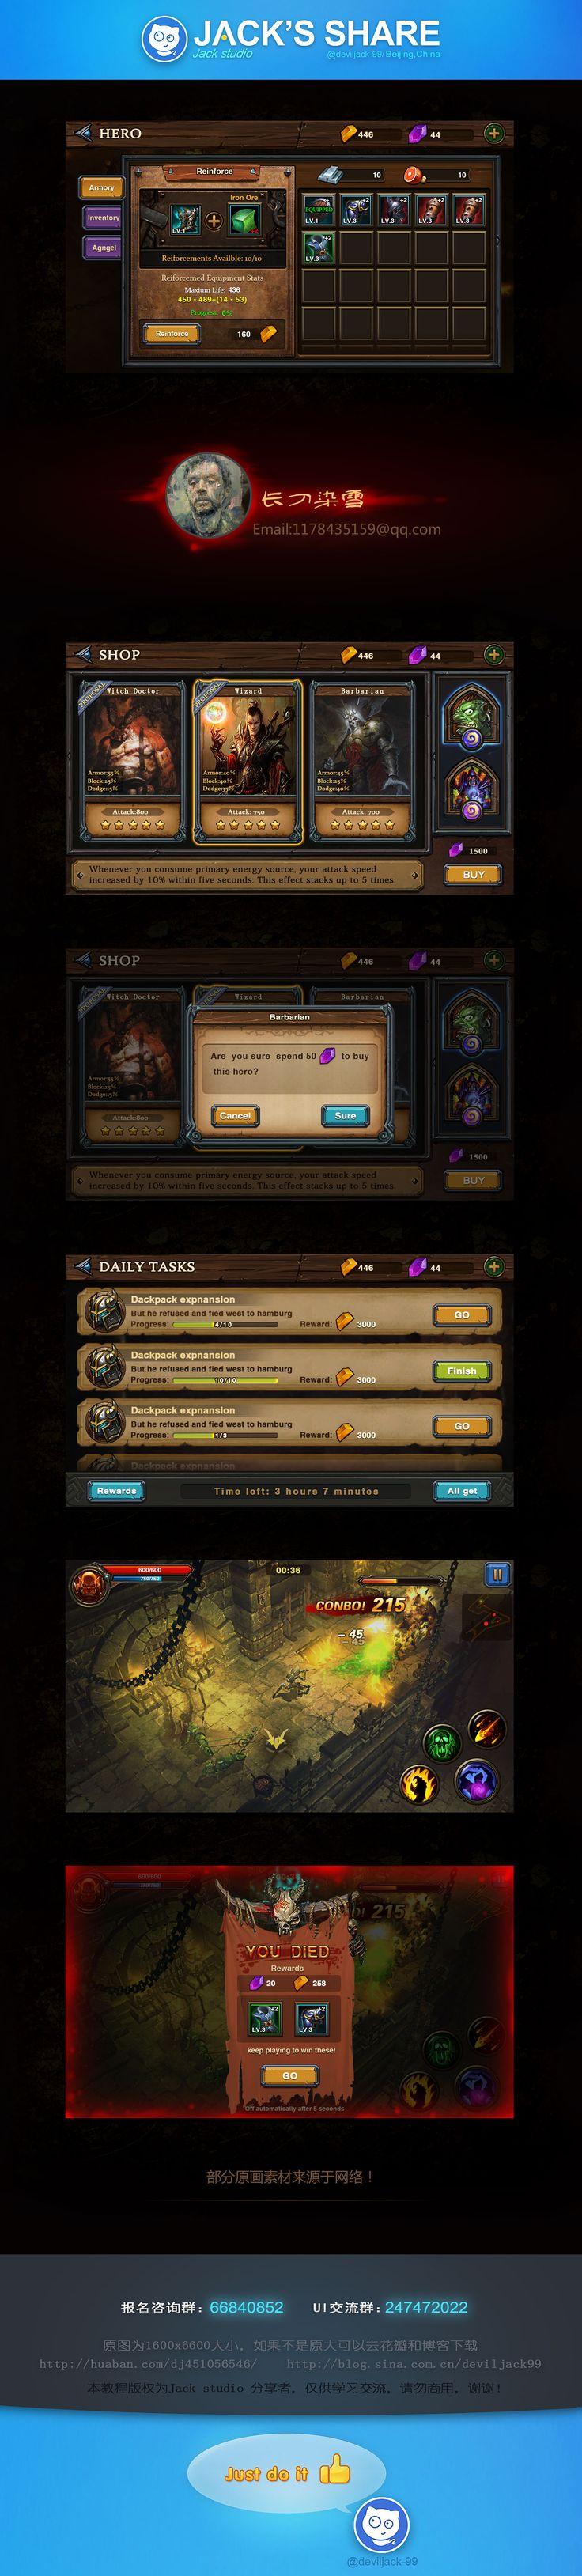 gameui/gui/ui/icon/interface/logo/design/share图标/界面/教程/游戏设计/ui交流群247472022/ui报名群66840852) http://blog.sina.com.cn/deviljack99  http://weibo.com/u/2796854547 http://i.youku.com/Deviljack99